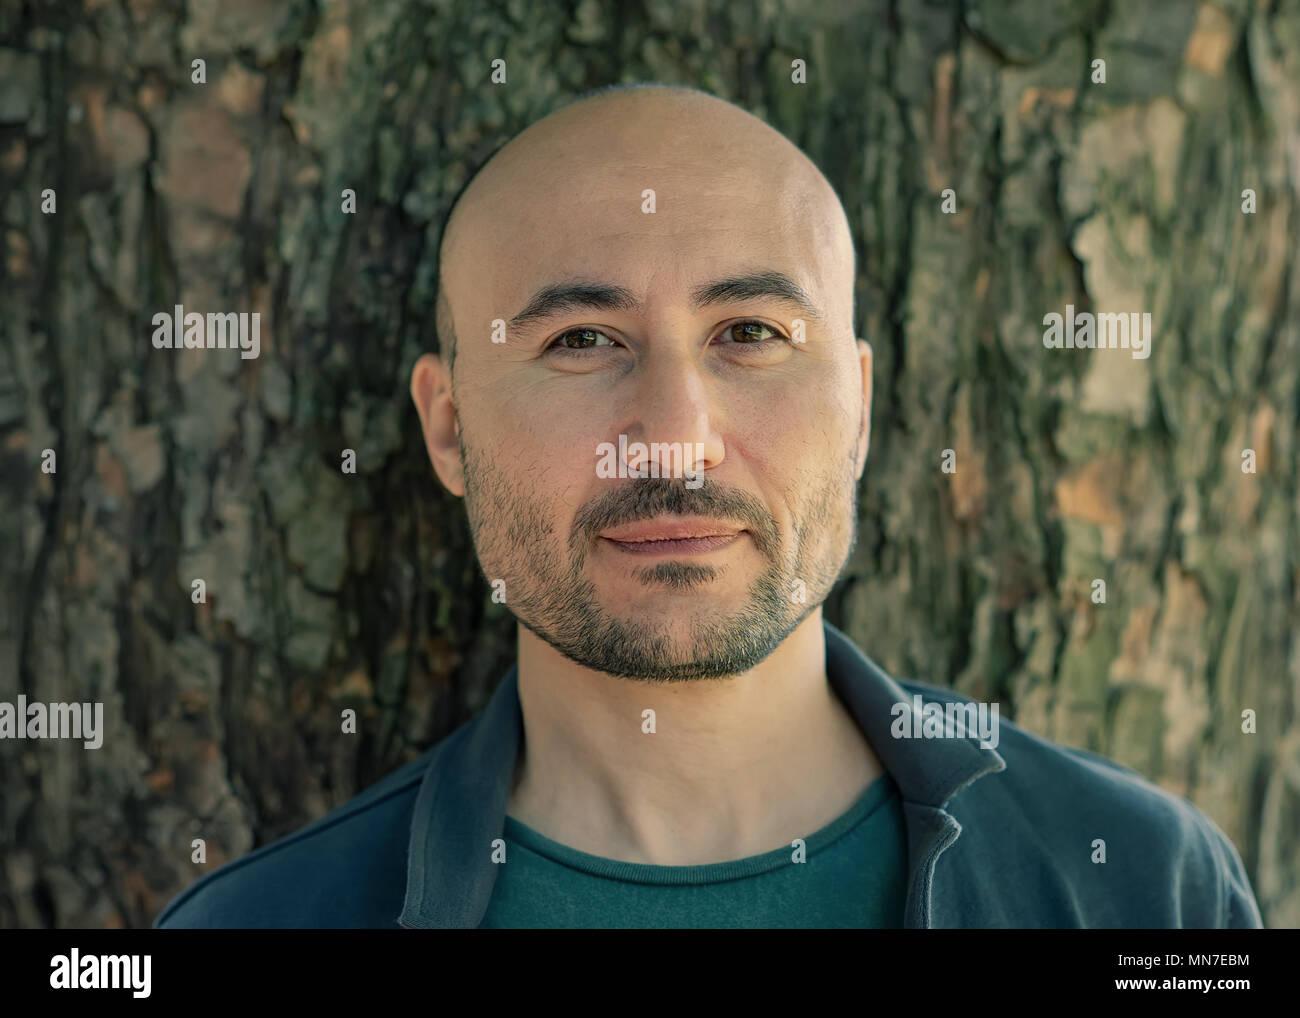 Visage d'un homme chauve sérieux barbu dans le parc. Portrait d'un homme d'âge moyen. Banque D'Images